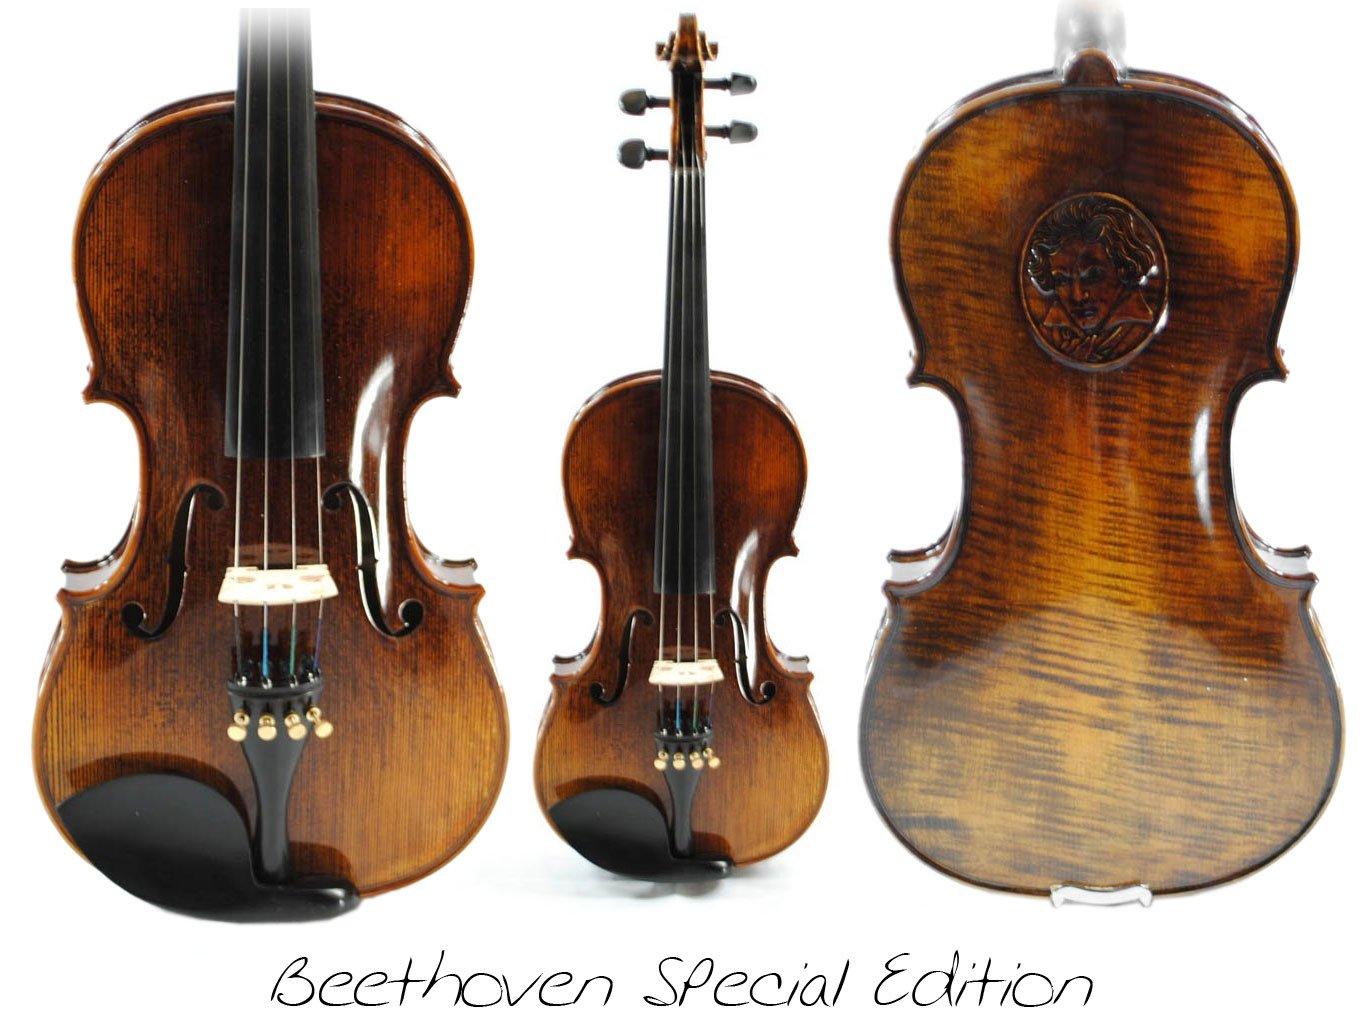 Vienna Strings Beethoven Special Edition Violin